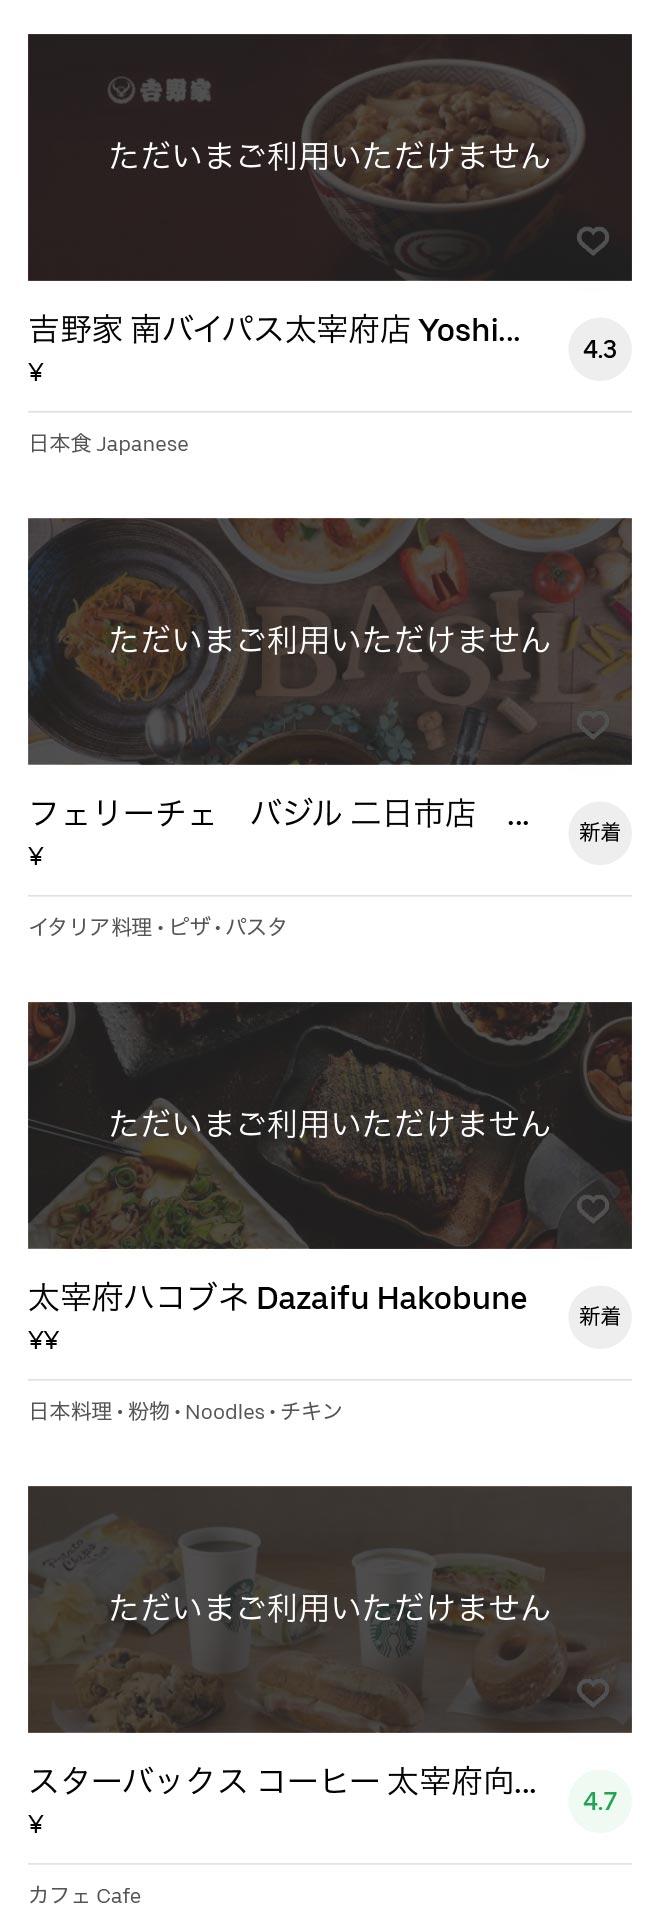 Tofuroumae menu 2004 06